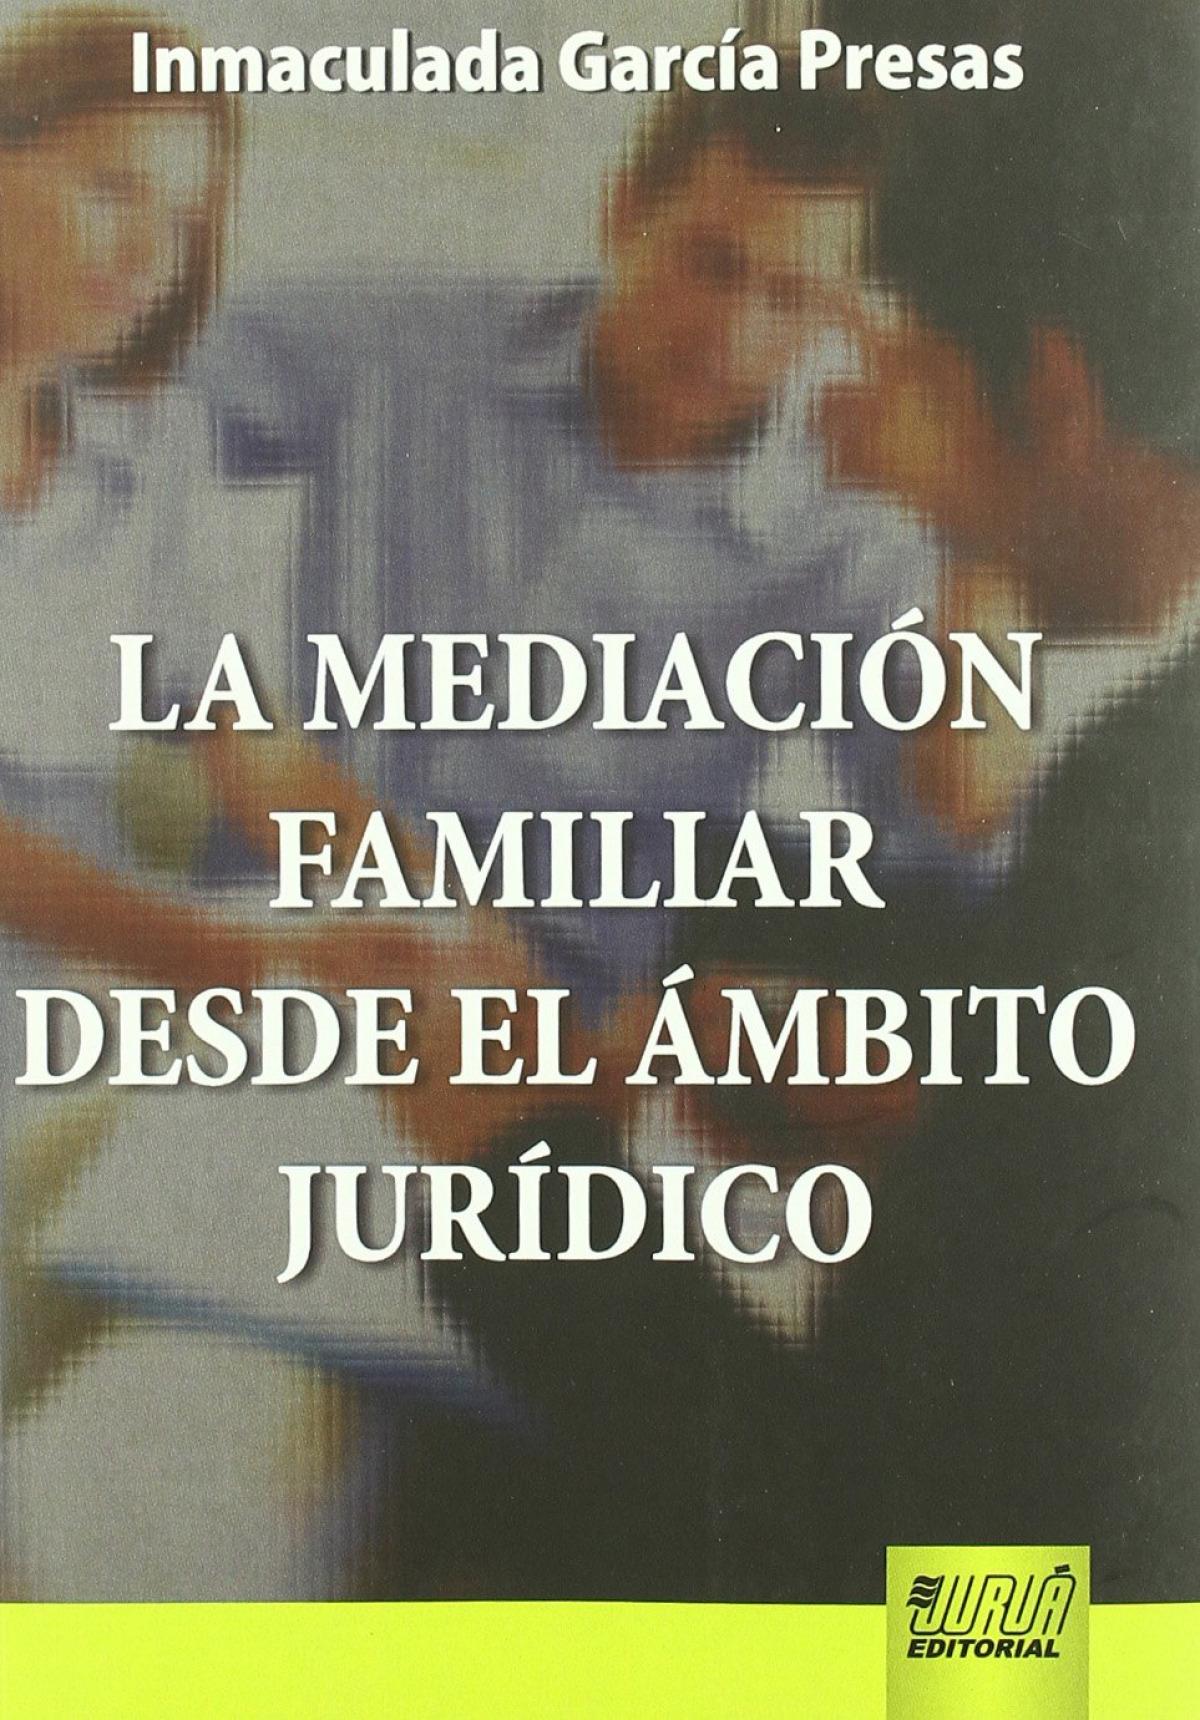 Mediaci¢n familiar desde el mbito jurdico - Garca Presas, Inmaculada